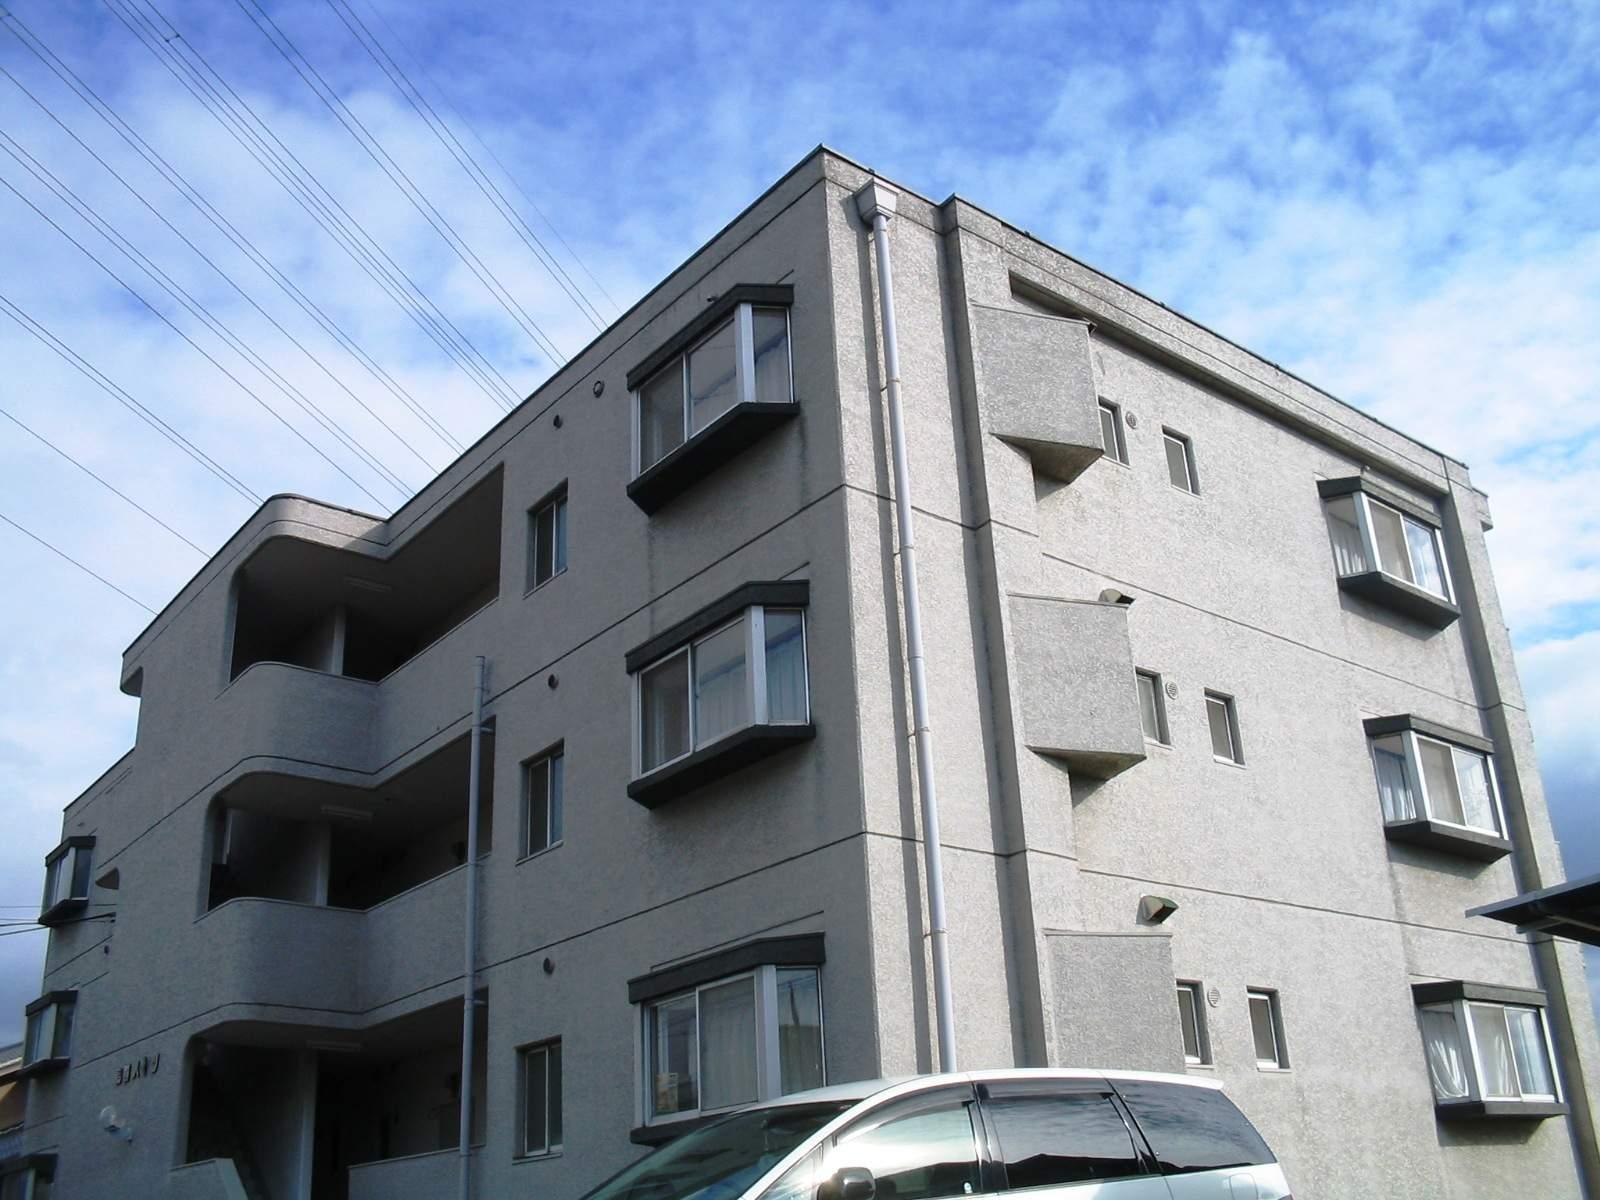 愛知県名古屋市名東区、星ヶ丘駅市バスバス11分新宿下車後徒歩3分の築43年 3階建の賃貸マンション